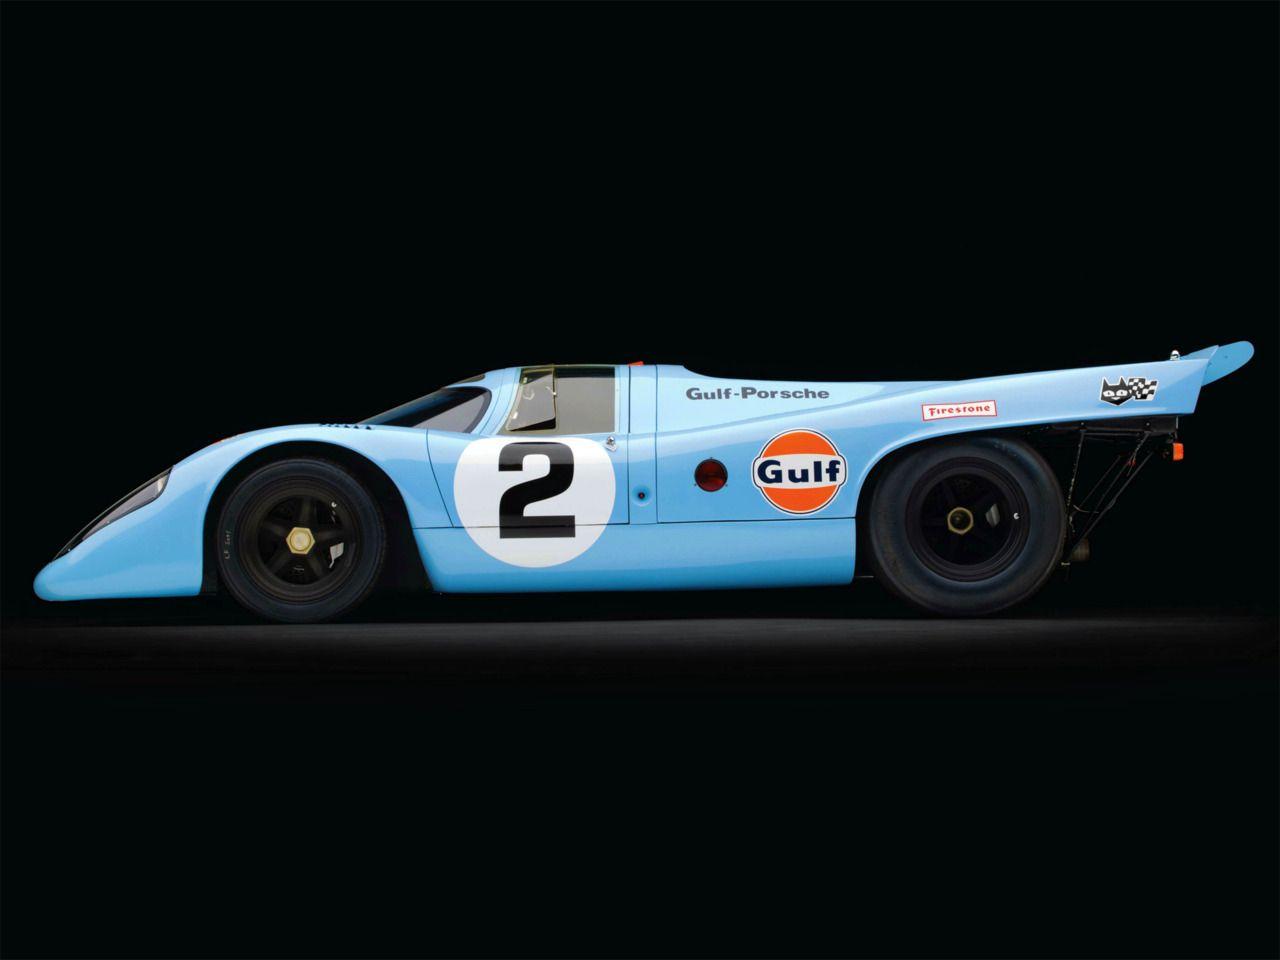 Ruote Rugginose: Gulf Porsche : il classico dei classici